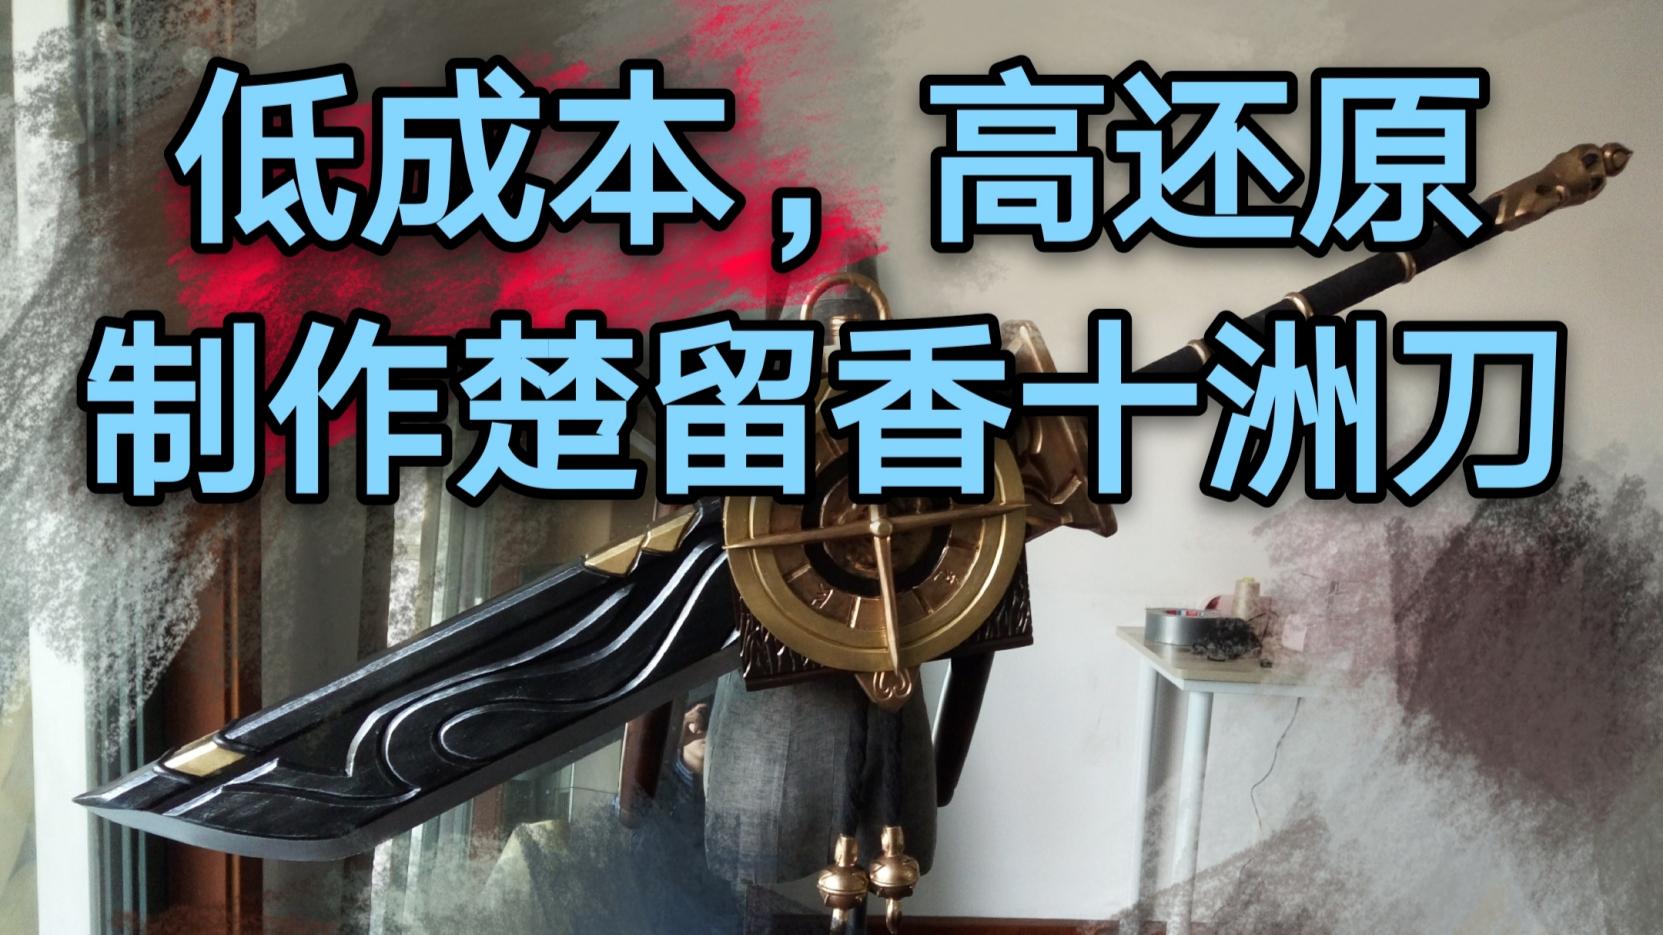 【楚留香/一梦江湖】高还原一比一十洲刀cos道具制作第三期